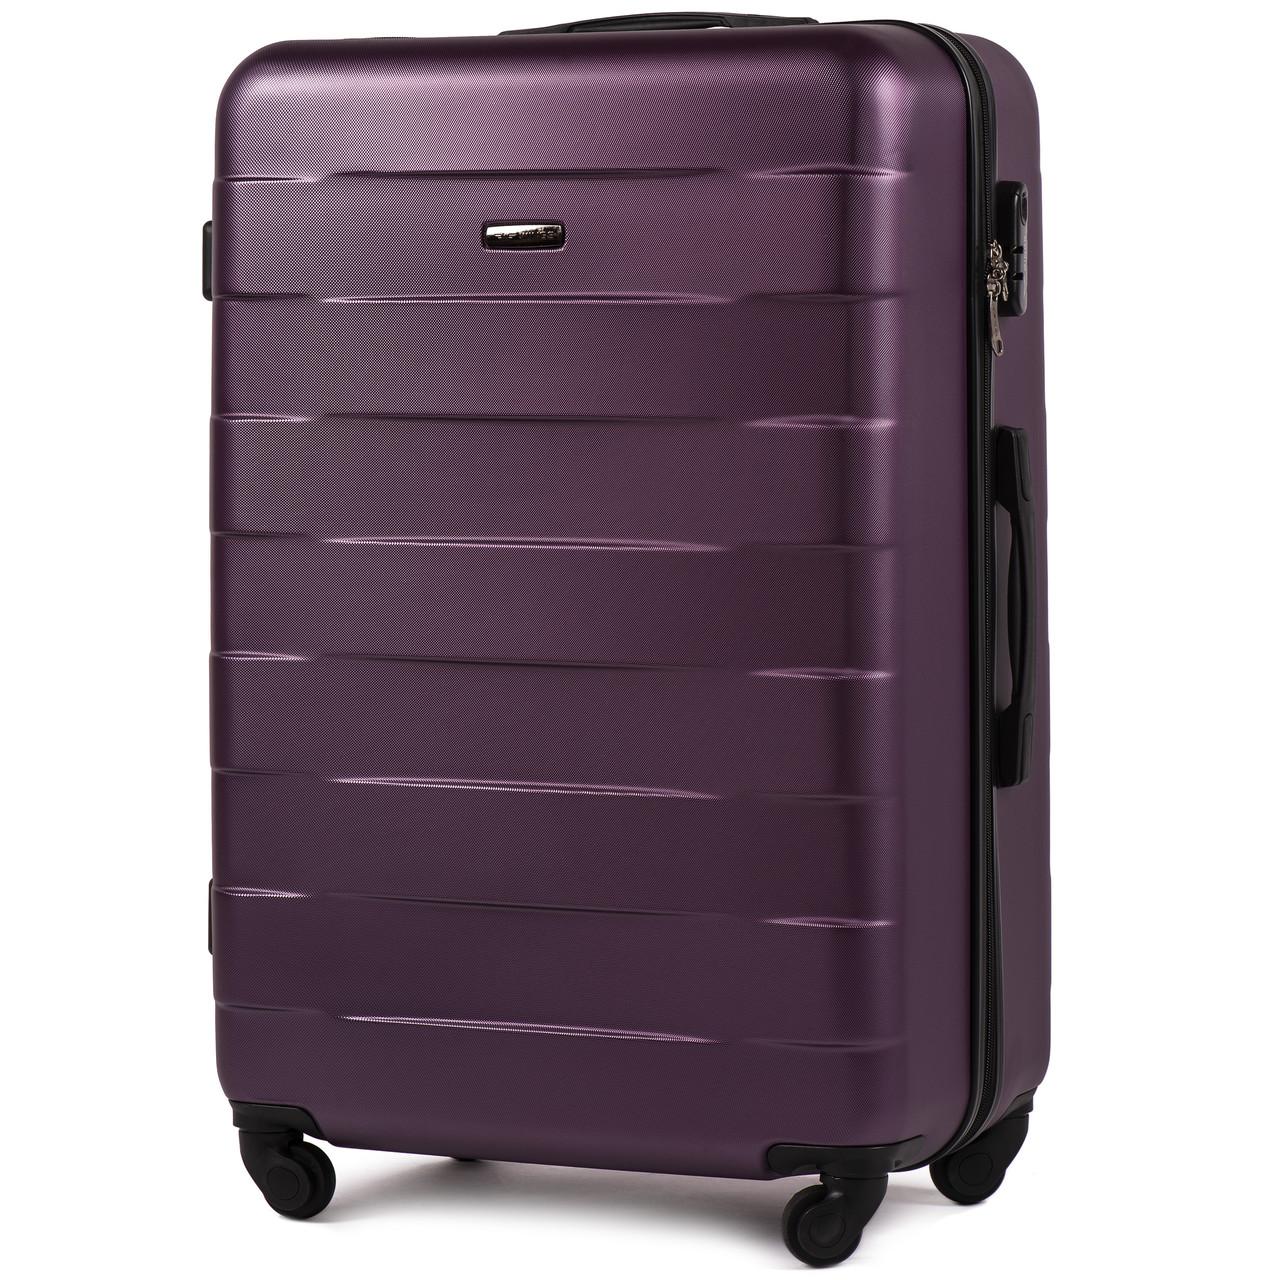 Средний пластиковый чемодан Wings 401 на 4 колесах фиолетовый